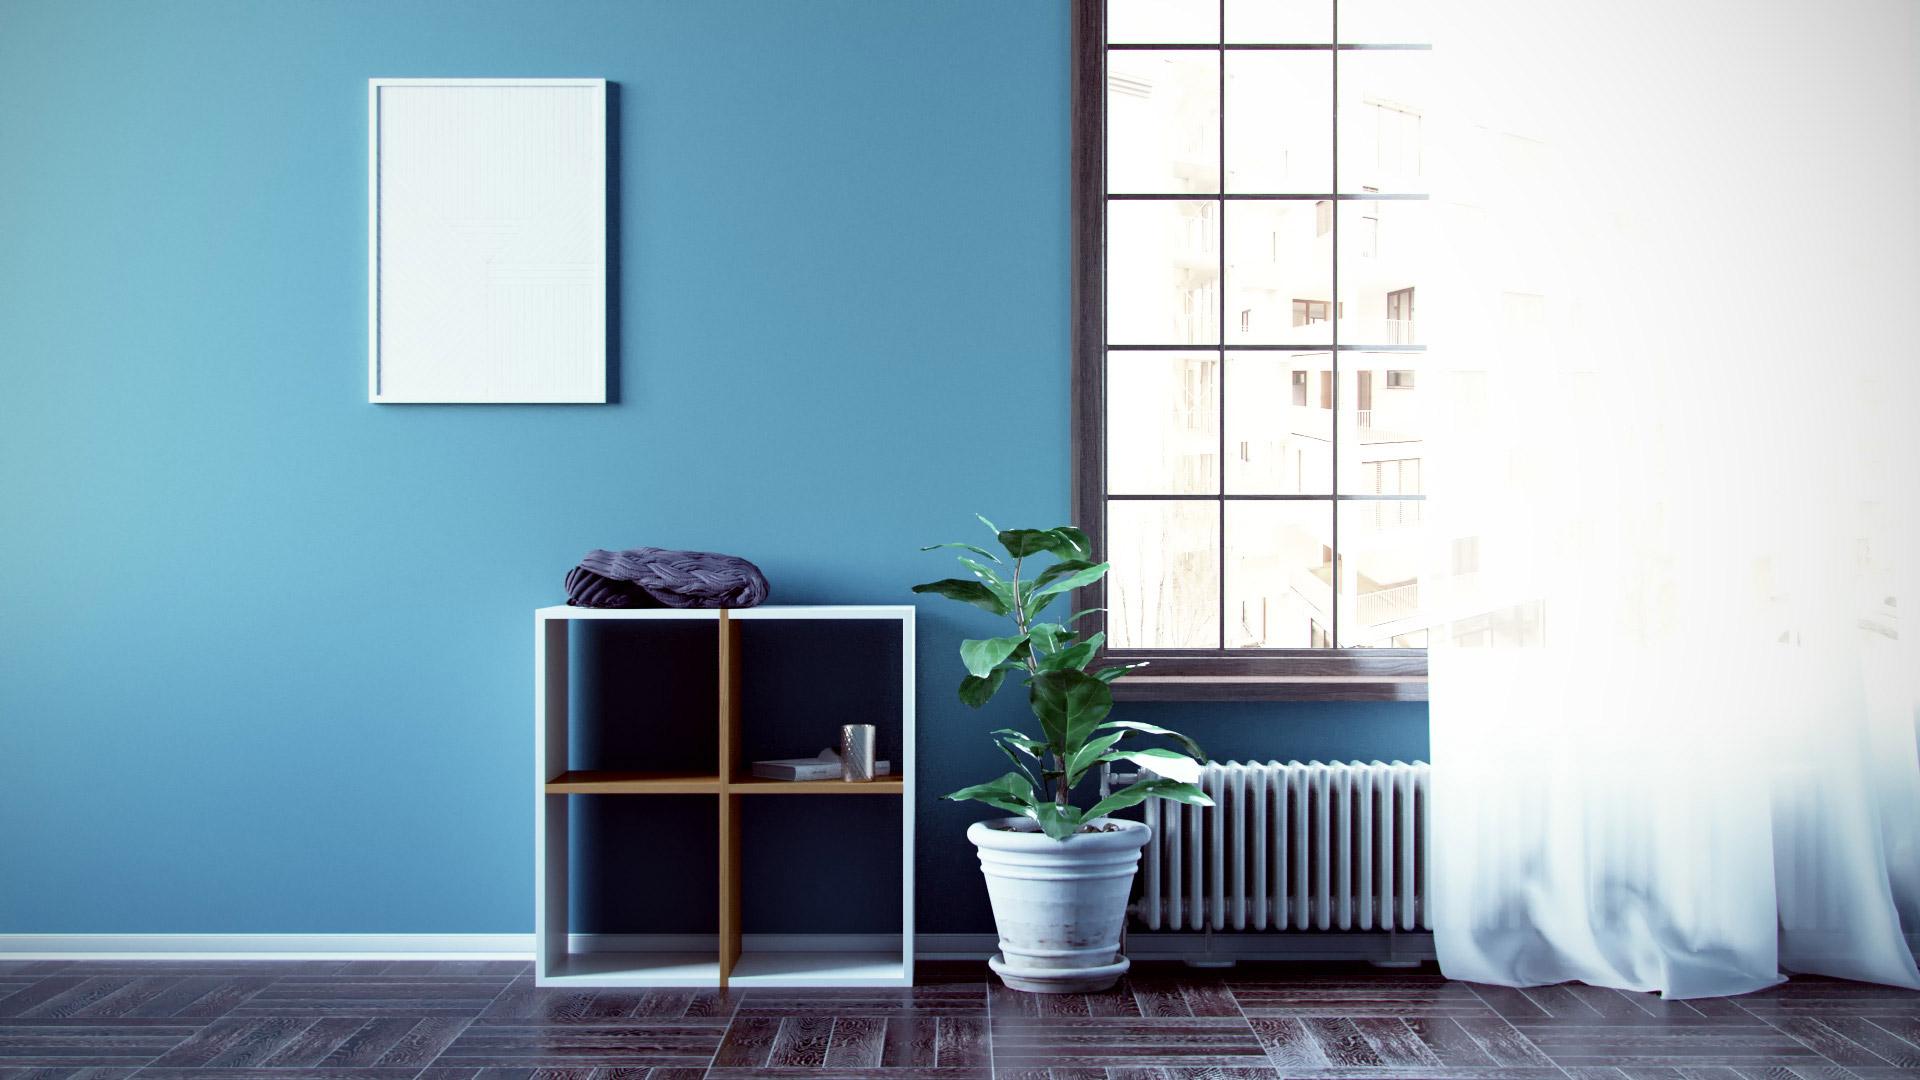 schmale kleine regale selbst gestalten regale bei mycs sterreich. Black Bedroom Furniture Sets. Home Design Ideas